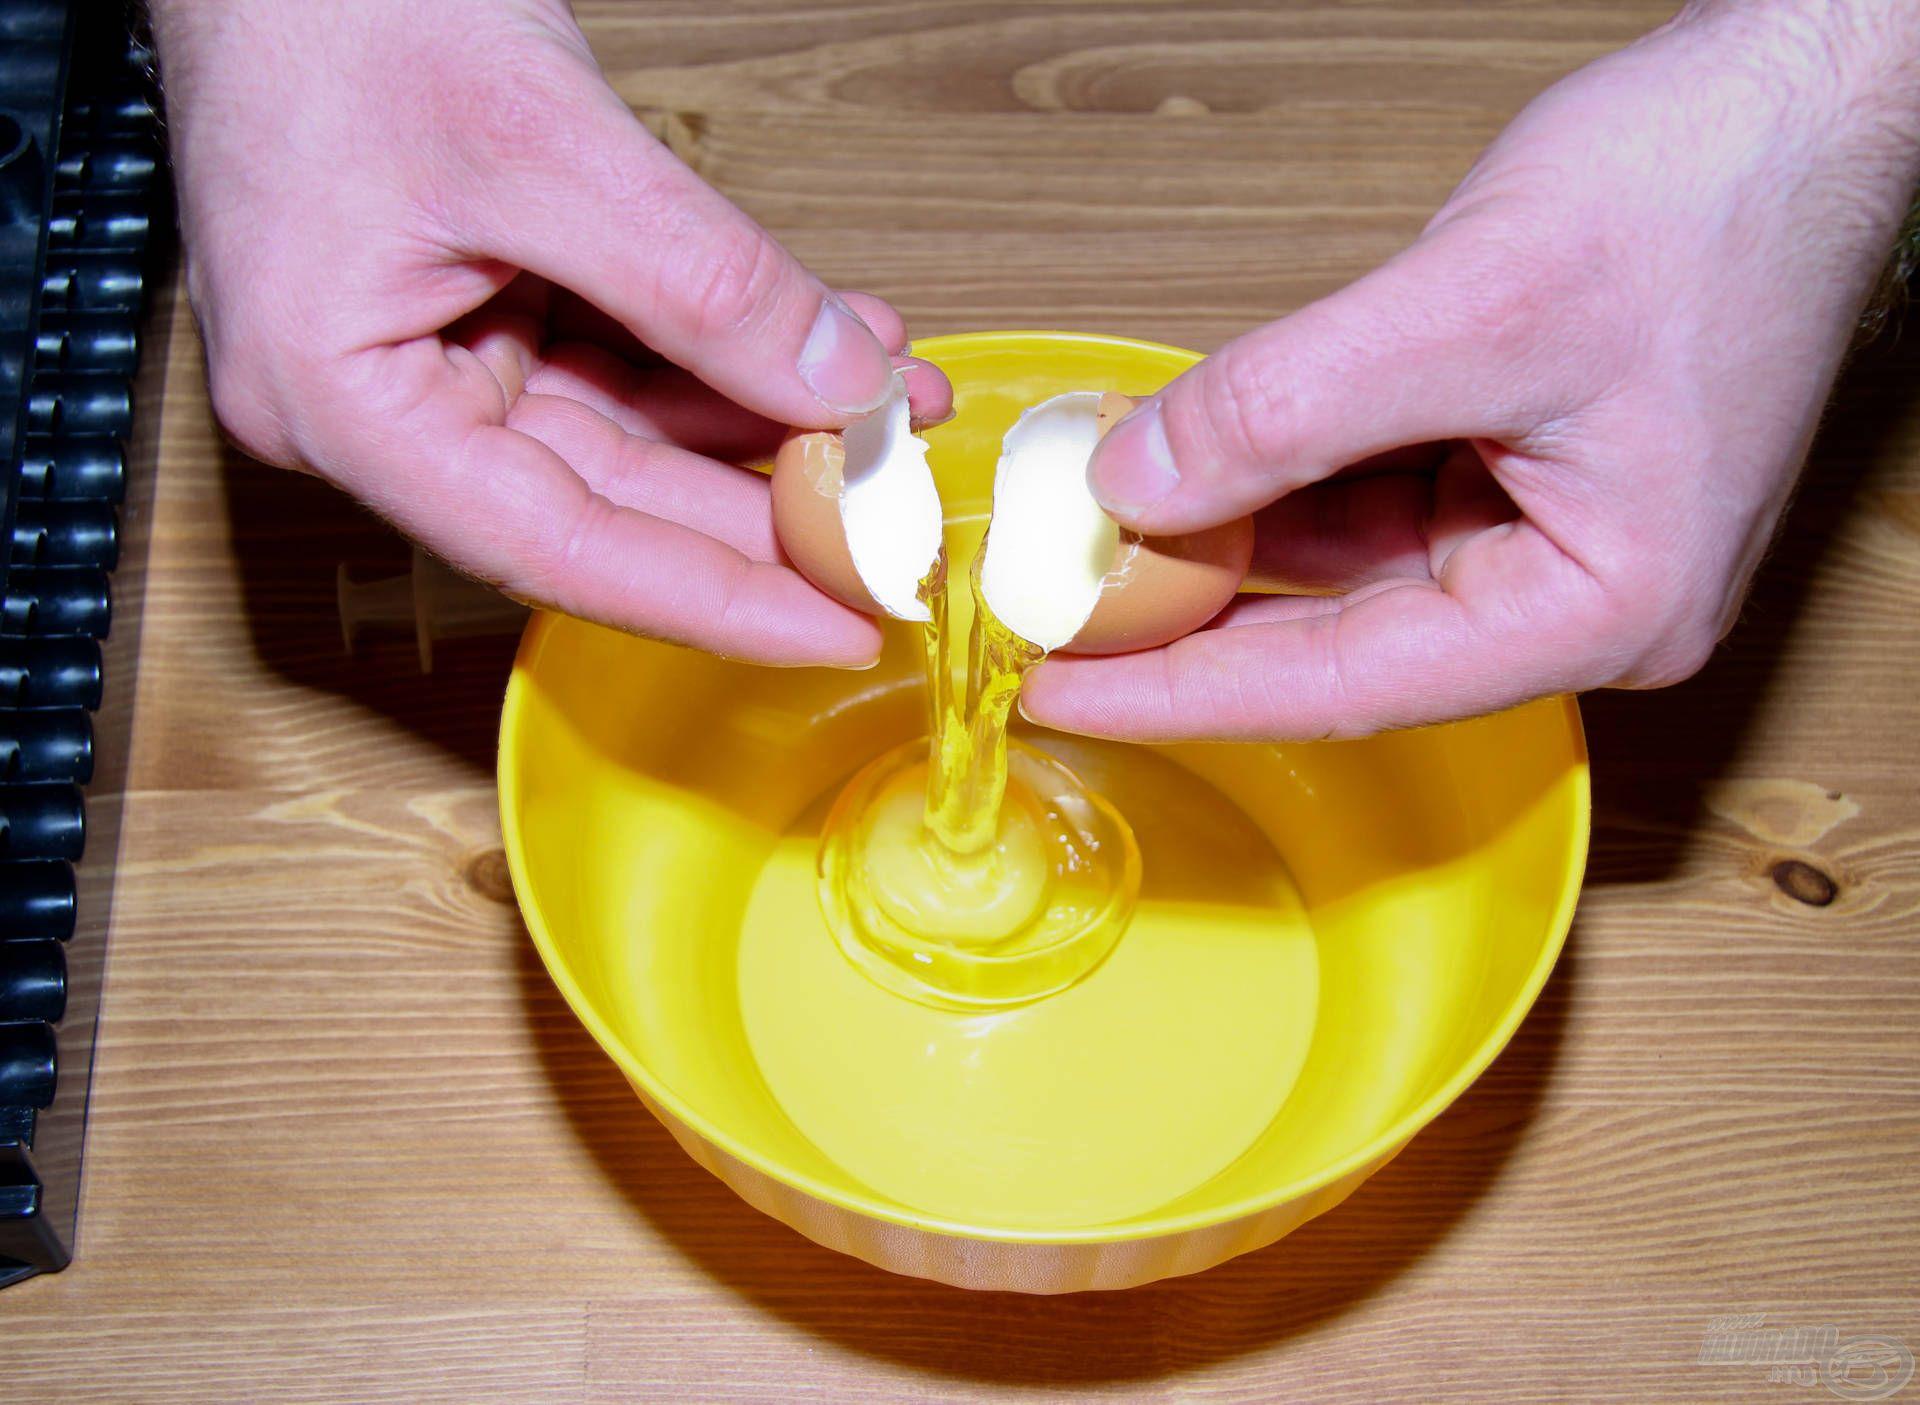 Törjük fel a tojást egy tálba…